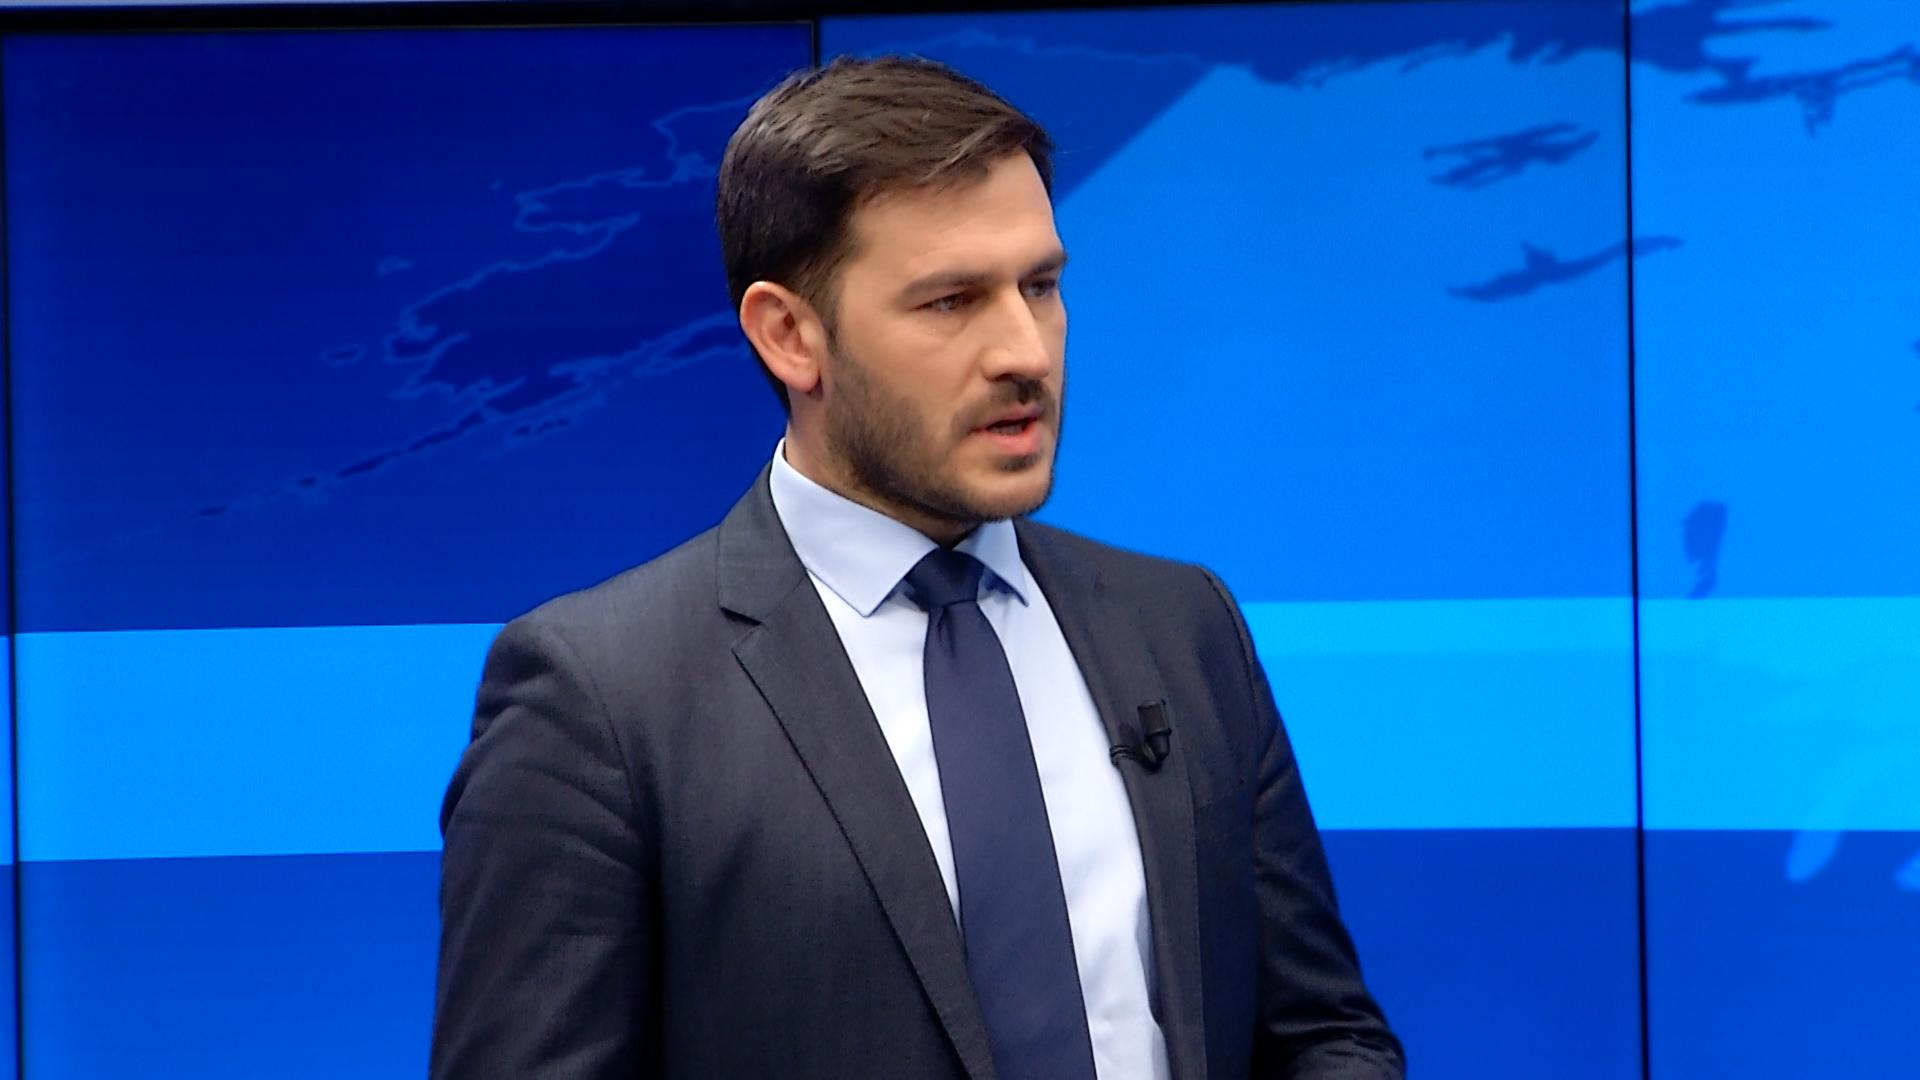 Diaspora për Shqipërinë e Lirë: Oficerët e diasporës bëjnë propagandë për të marrë votues